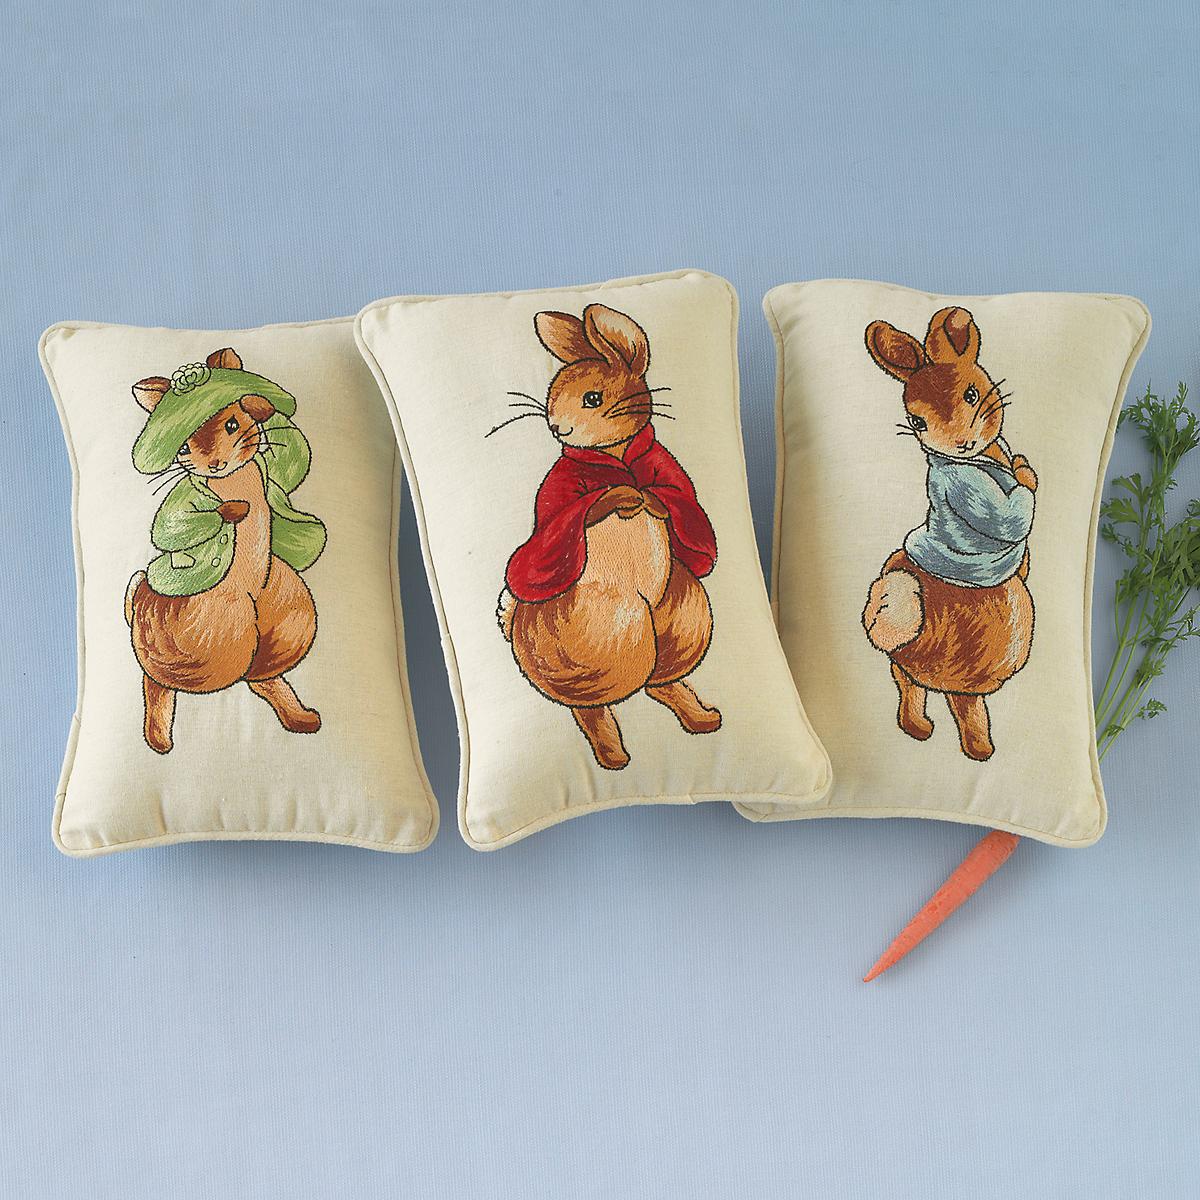 Storybook Rabbit Pillows